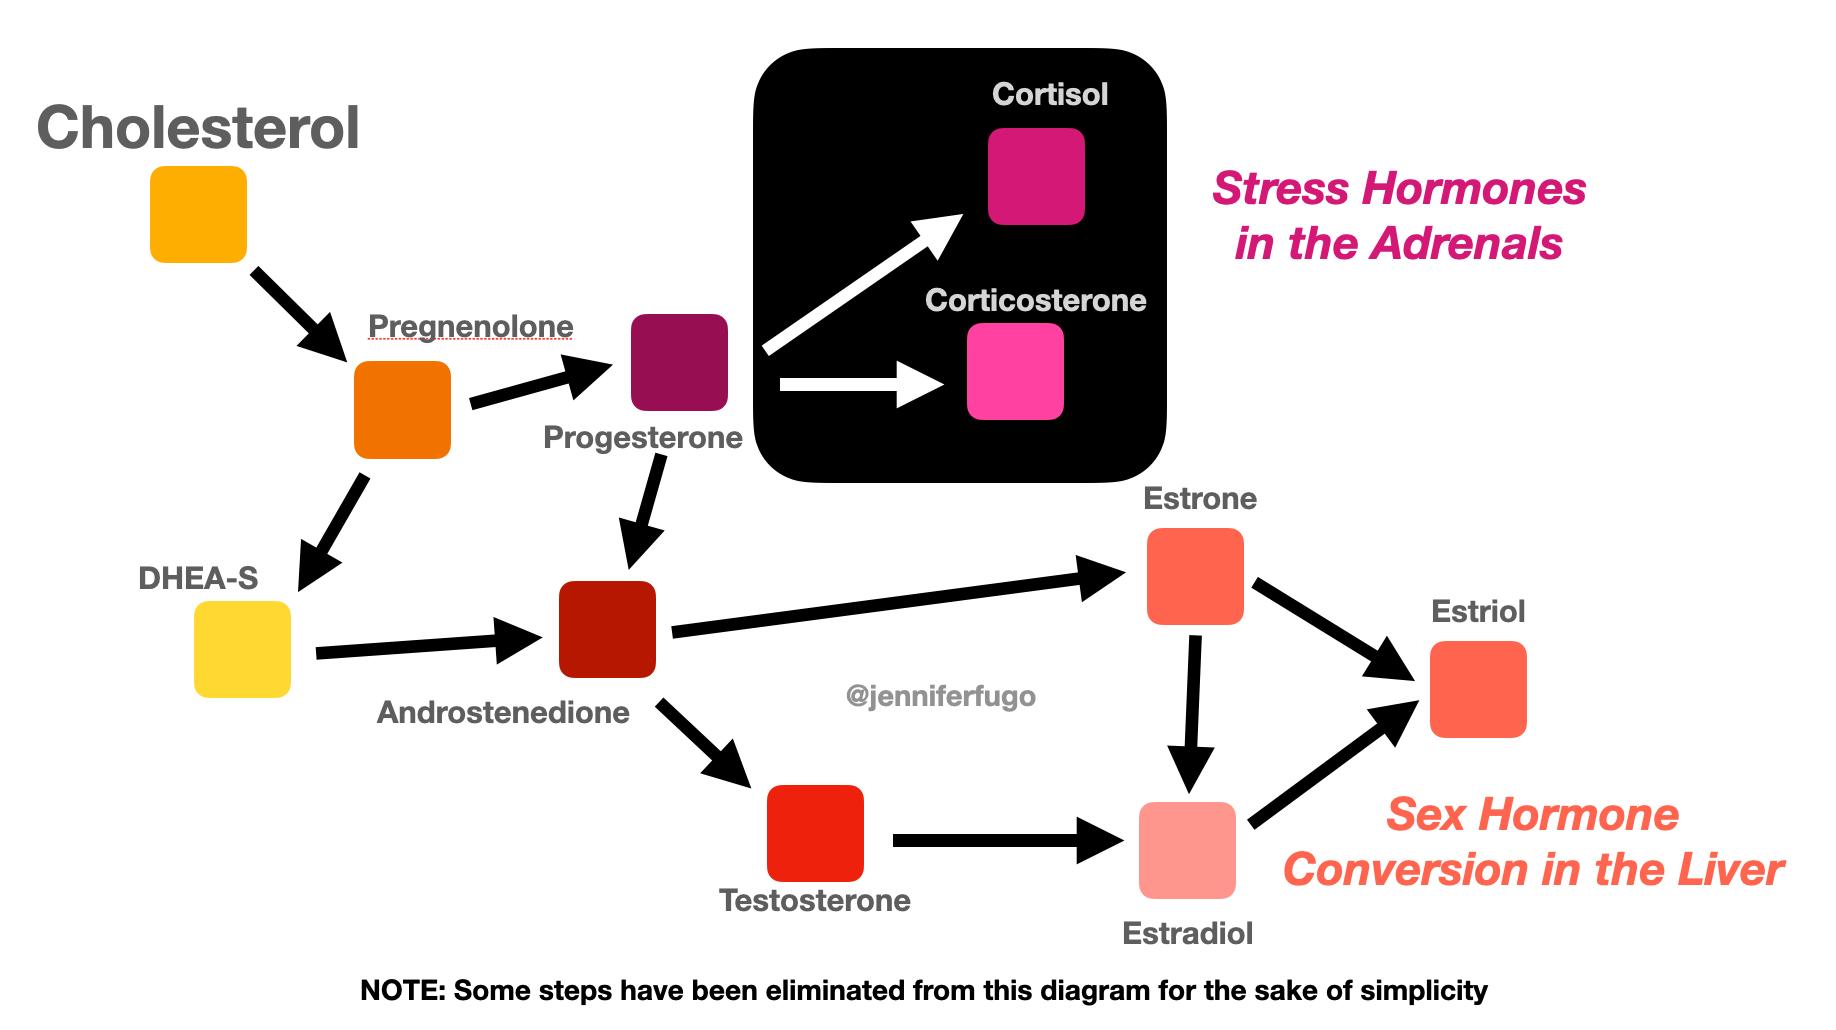 Sex Hormone Conversion Diagram